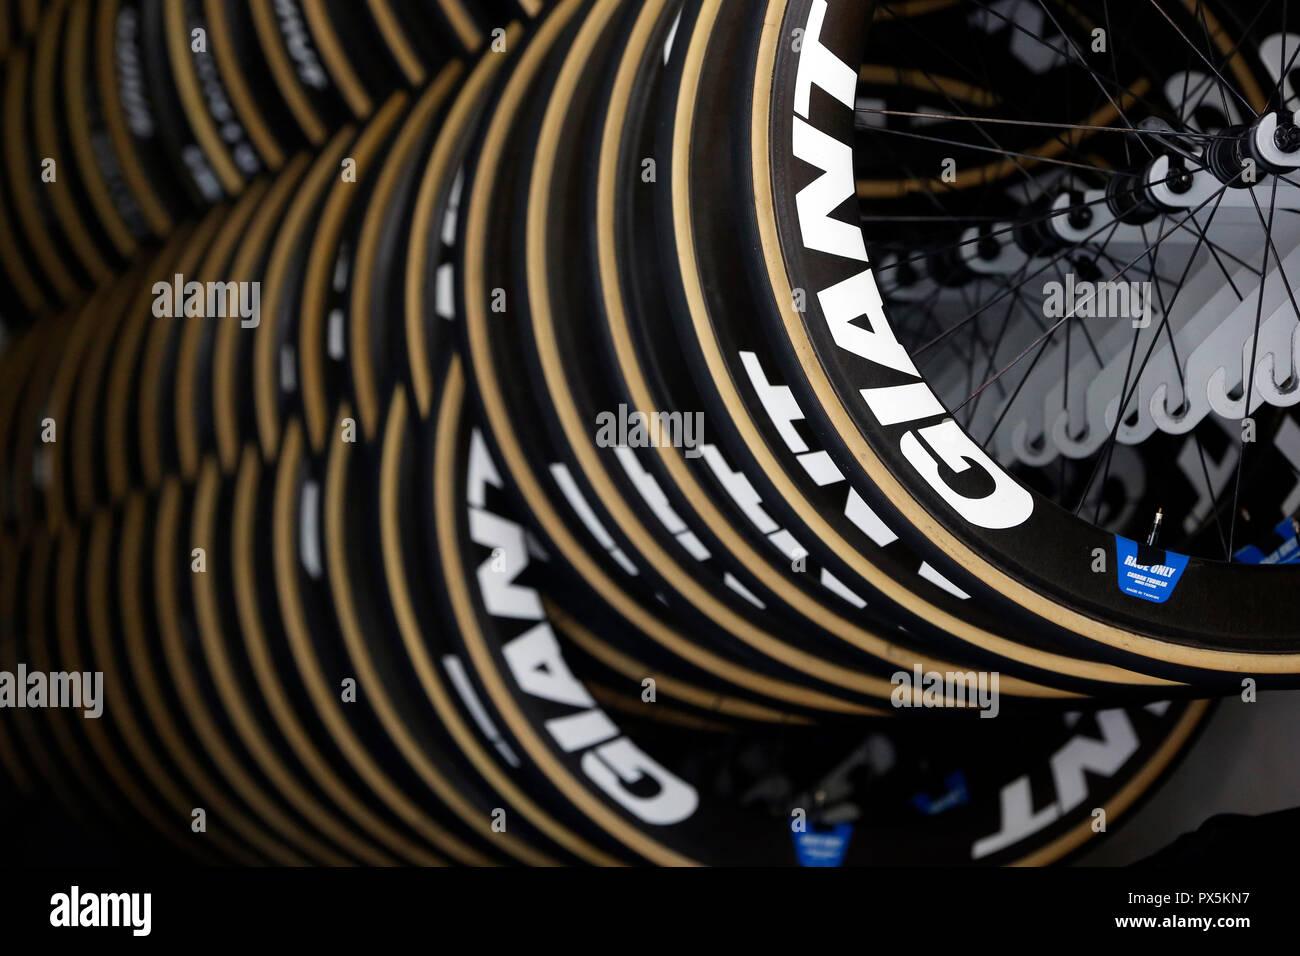 Criterio del Dauphine Libere corsa di ciclismo 2018. Pneumatici. Saint Gervais Mont Blanc. La Francia. Immagini Stock